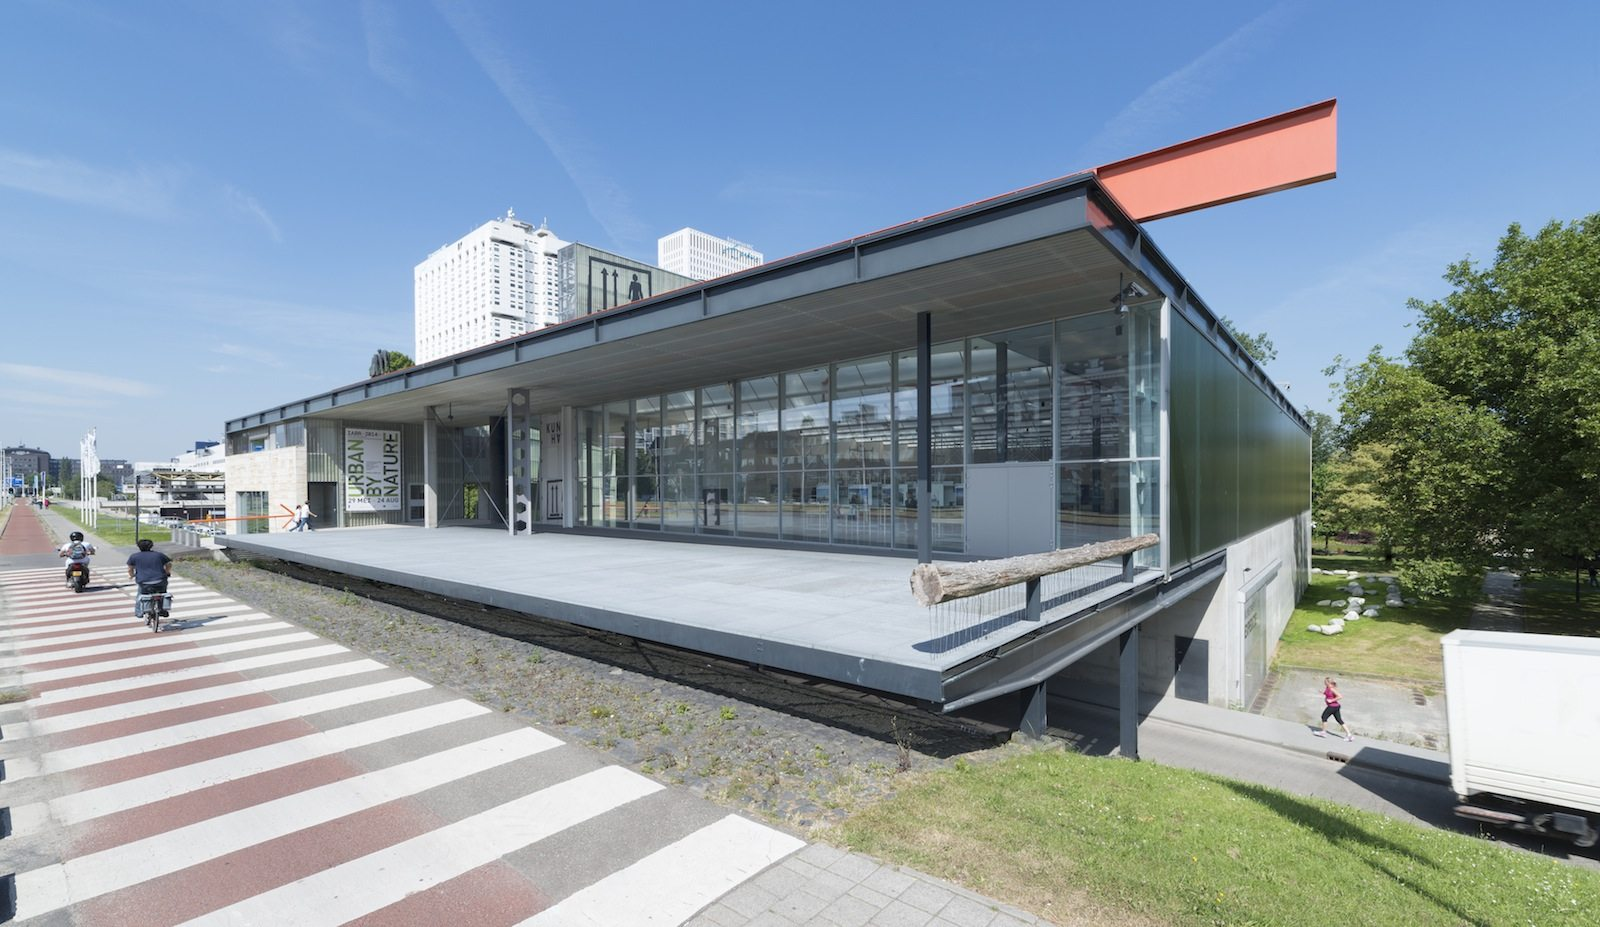 Kunsthal Rotterdam.  Das Gebäude ist wie ein Platz konzipiert, das von zwei Routen gekreuzt wird. Eine verläuft parallel zum Maasboulevard, die andere ist die Nord-Südachse, die den Weg des Museumsparks aufnimmt.